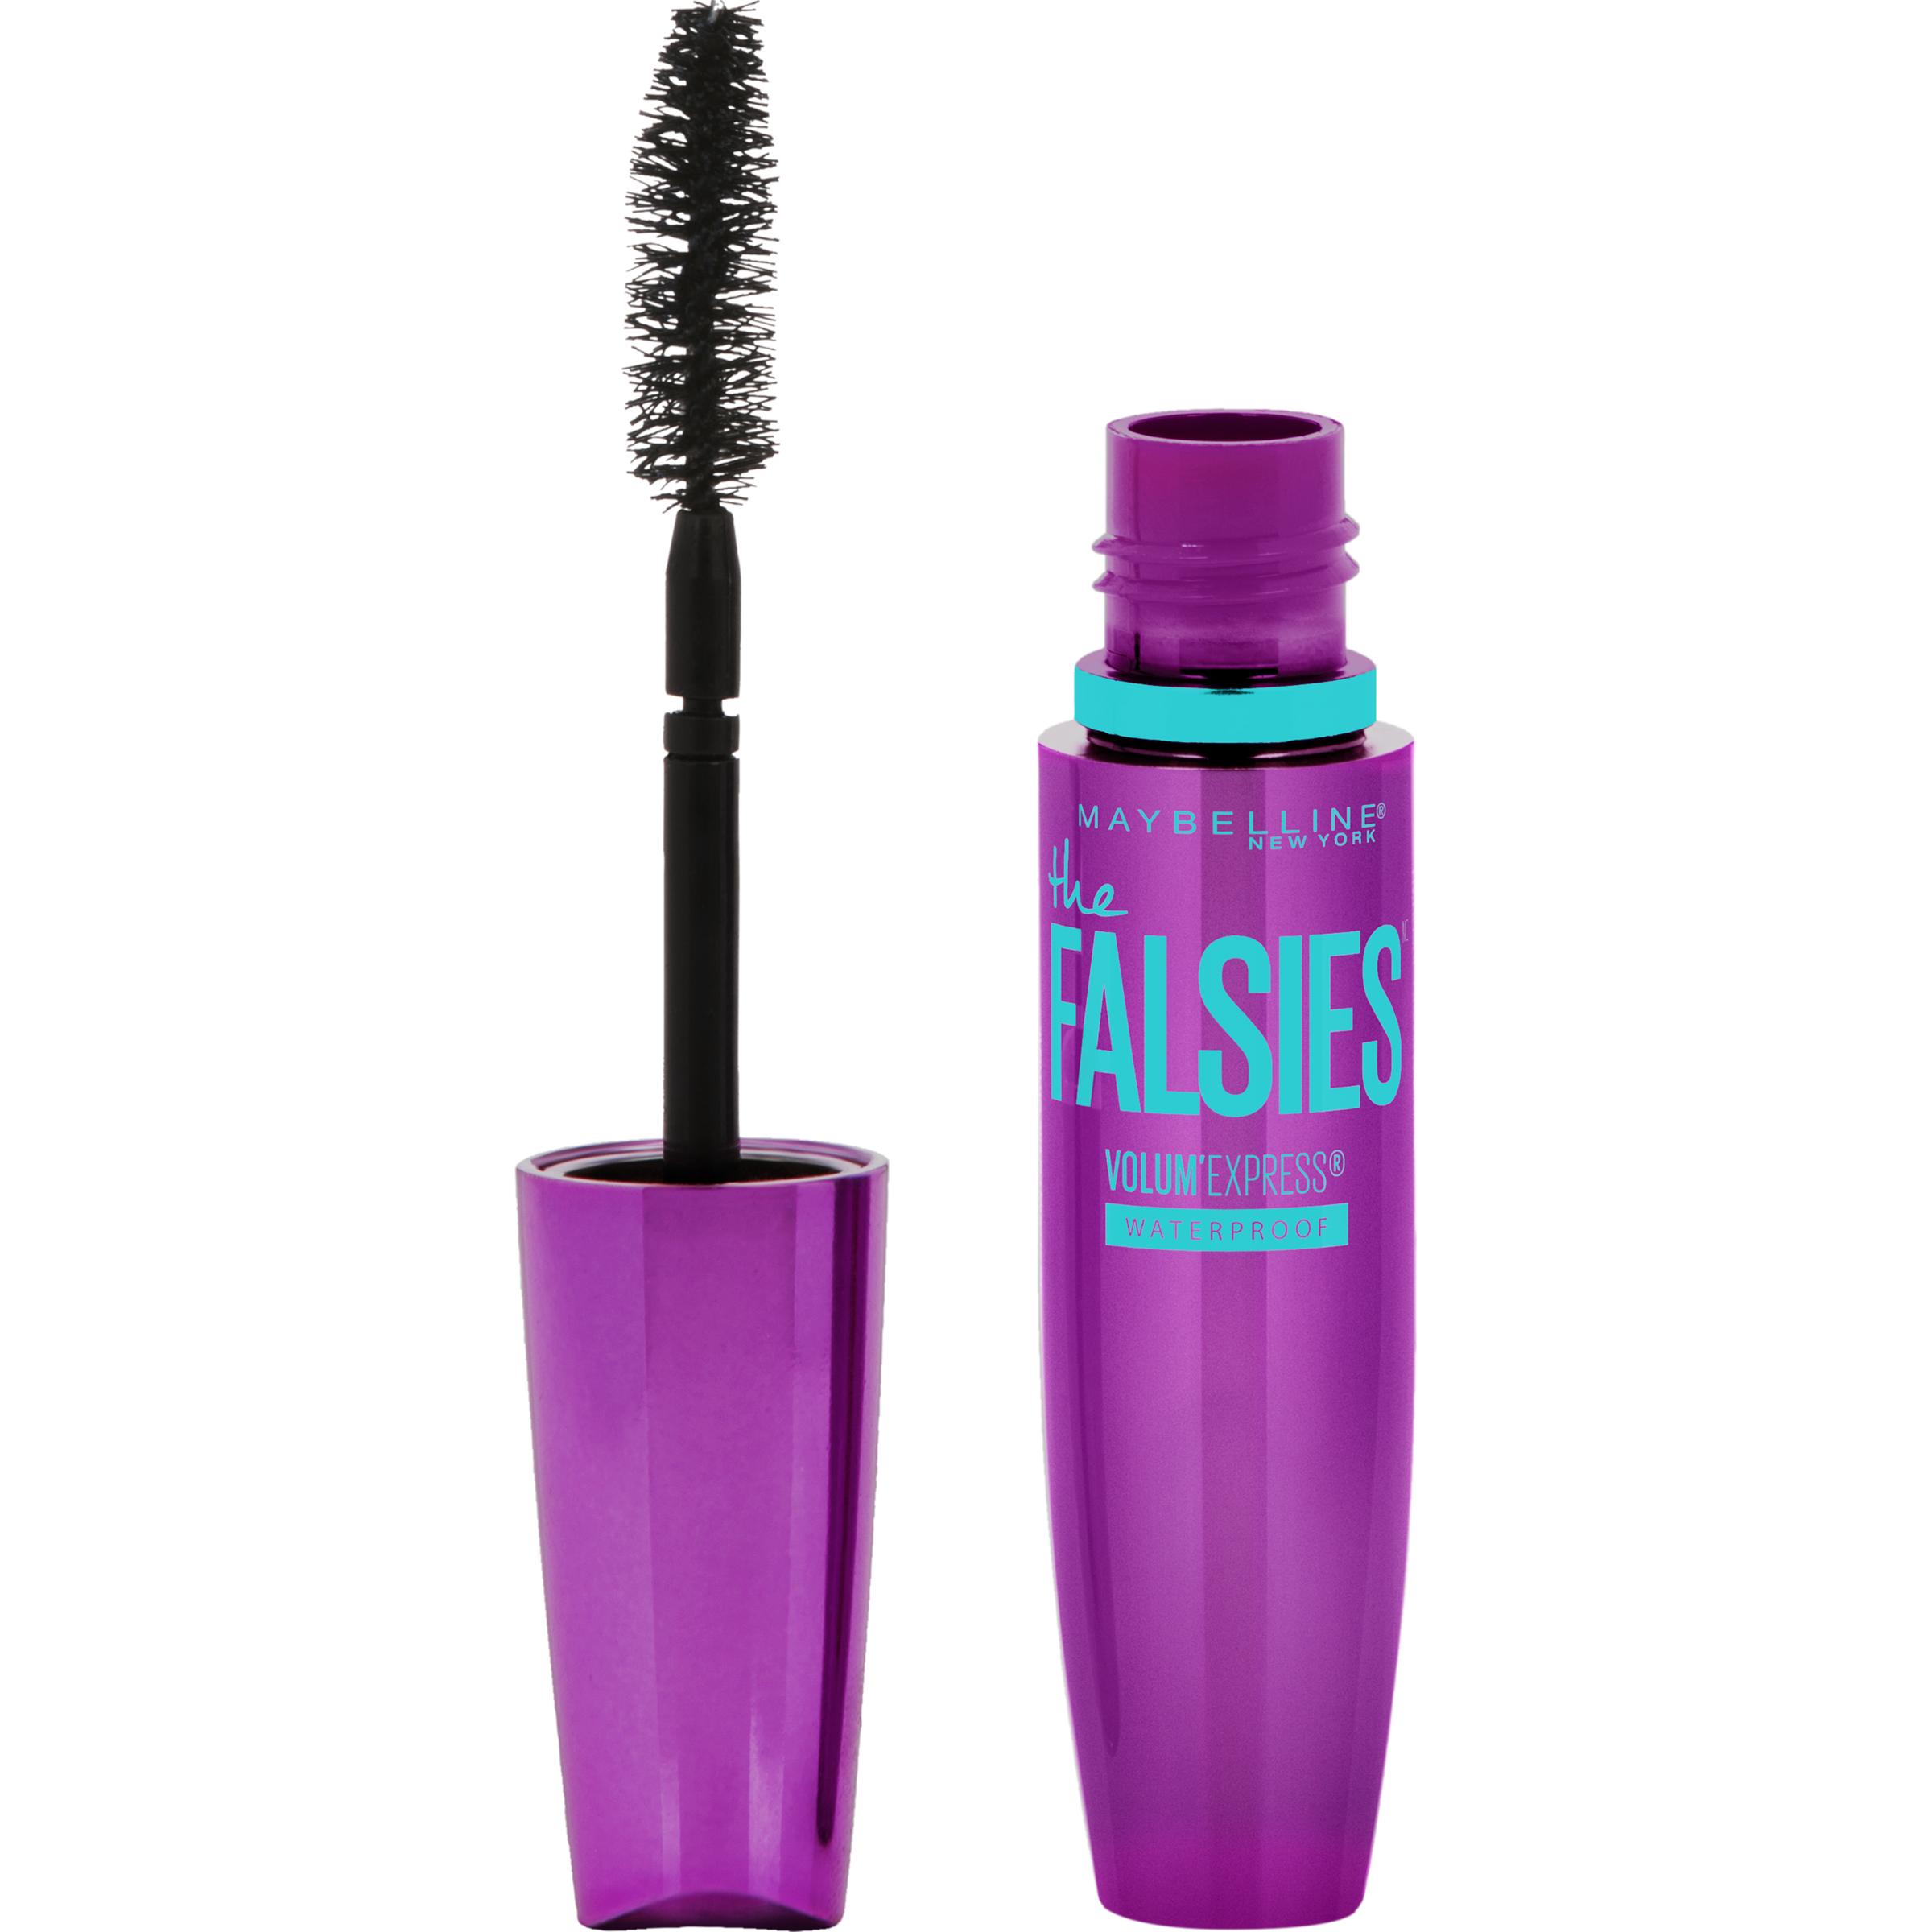 Maybelline The Falsies Waterproof Mascara Makeup, Very Black, 0.25 fl. oz.